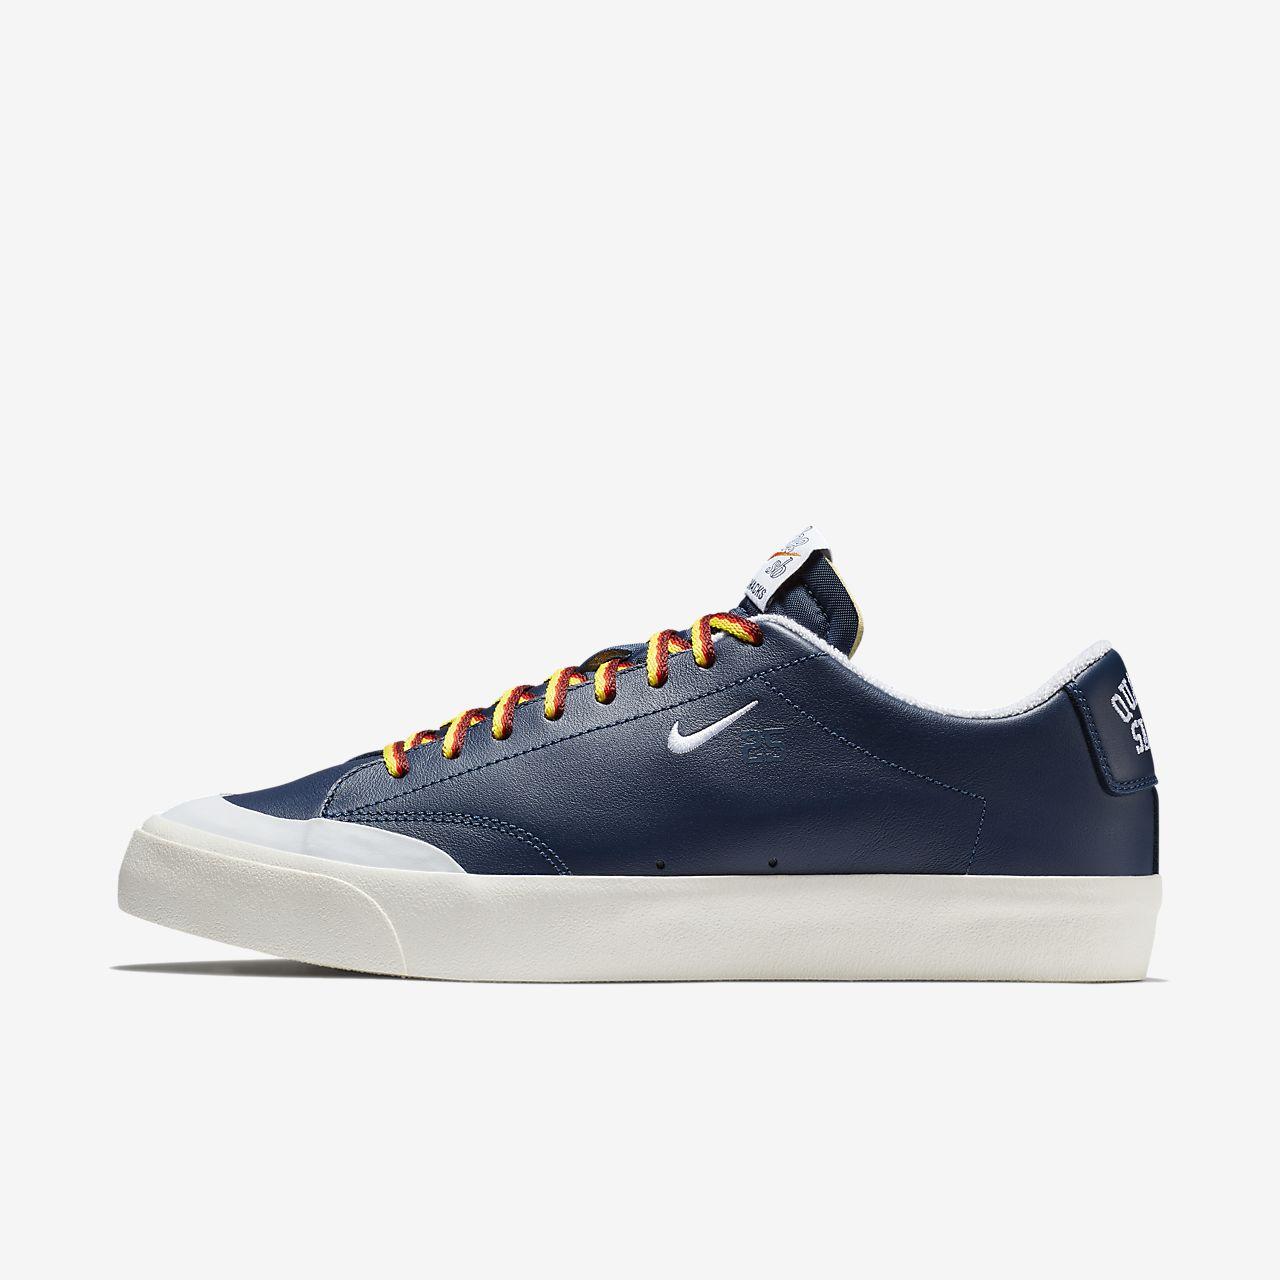 best website fb459 6c9fa ... Chaussure de skateboard Nike SB Zoom Blazer Low XT QS pour Homme